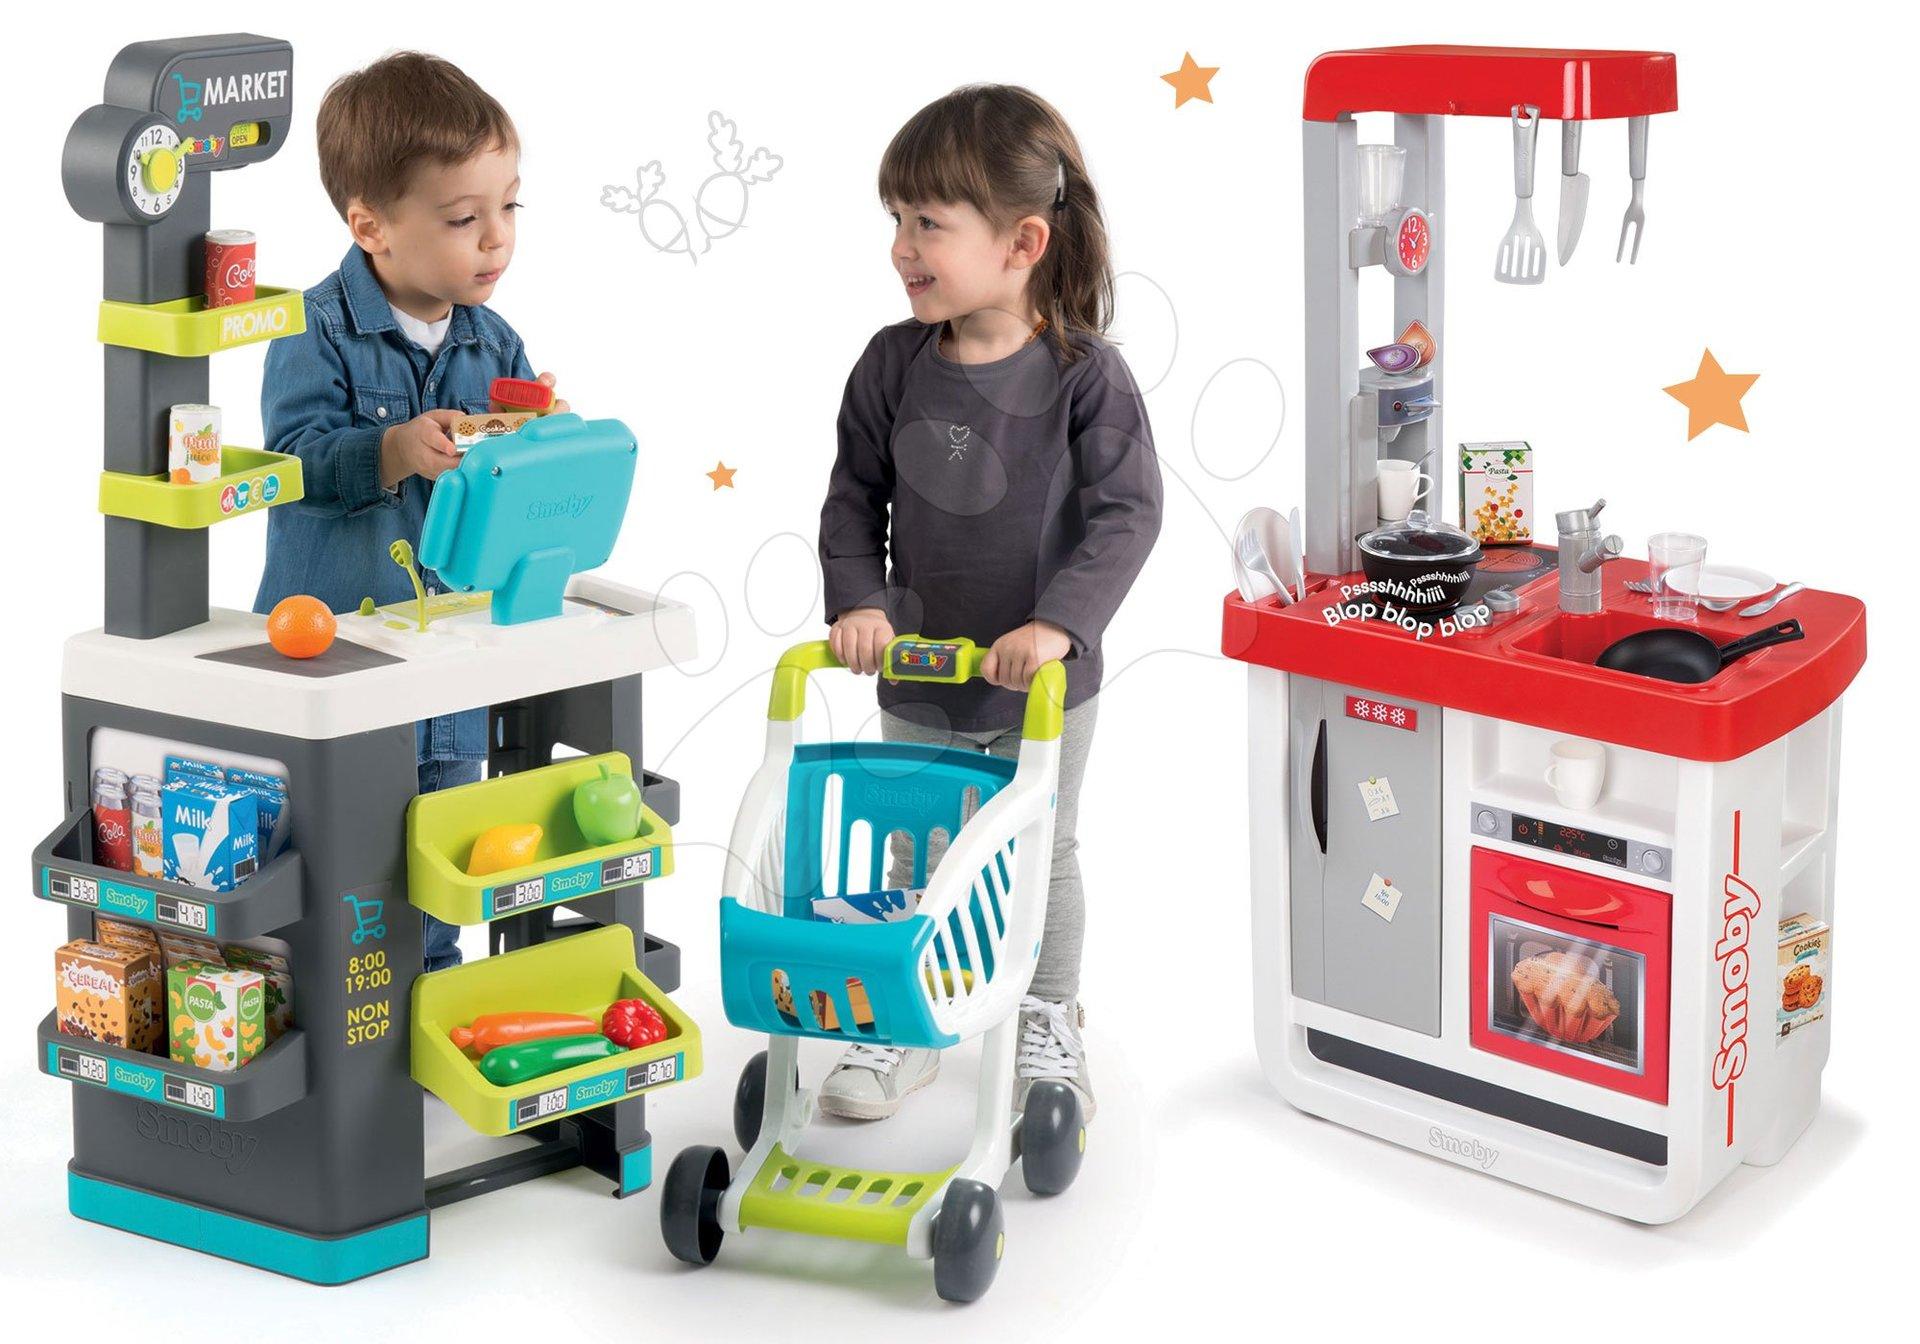 Smoby dětský obchod Supermarket a kuchyňka Bon Appétit 350212-17